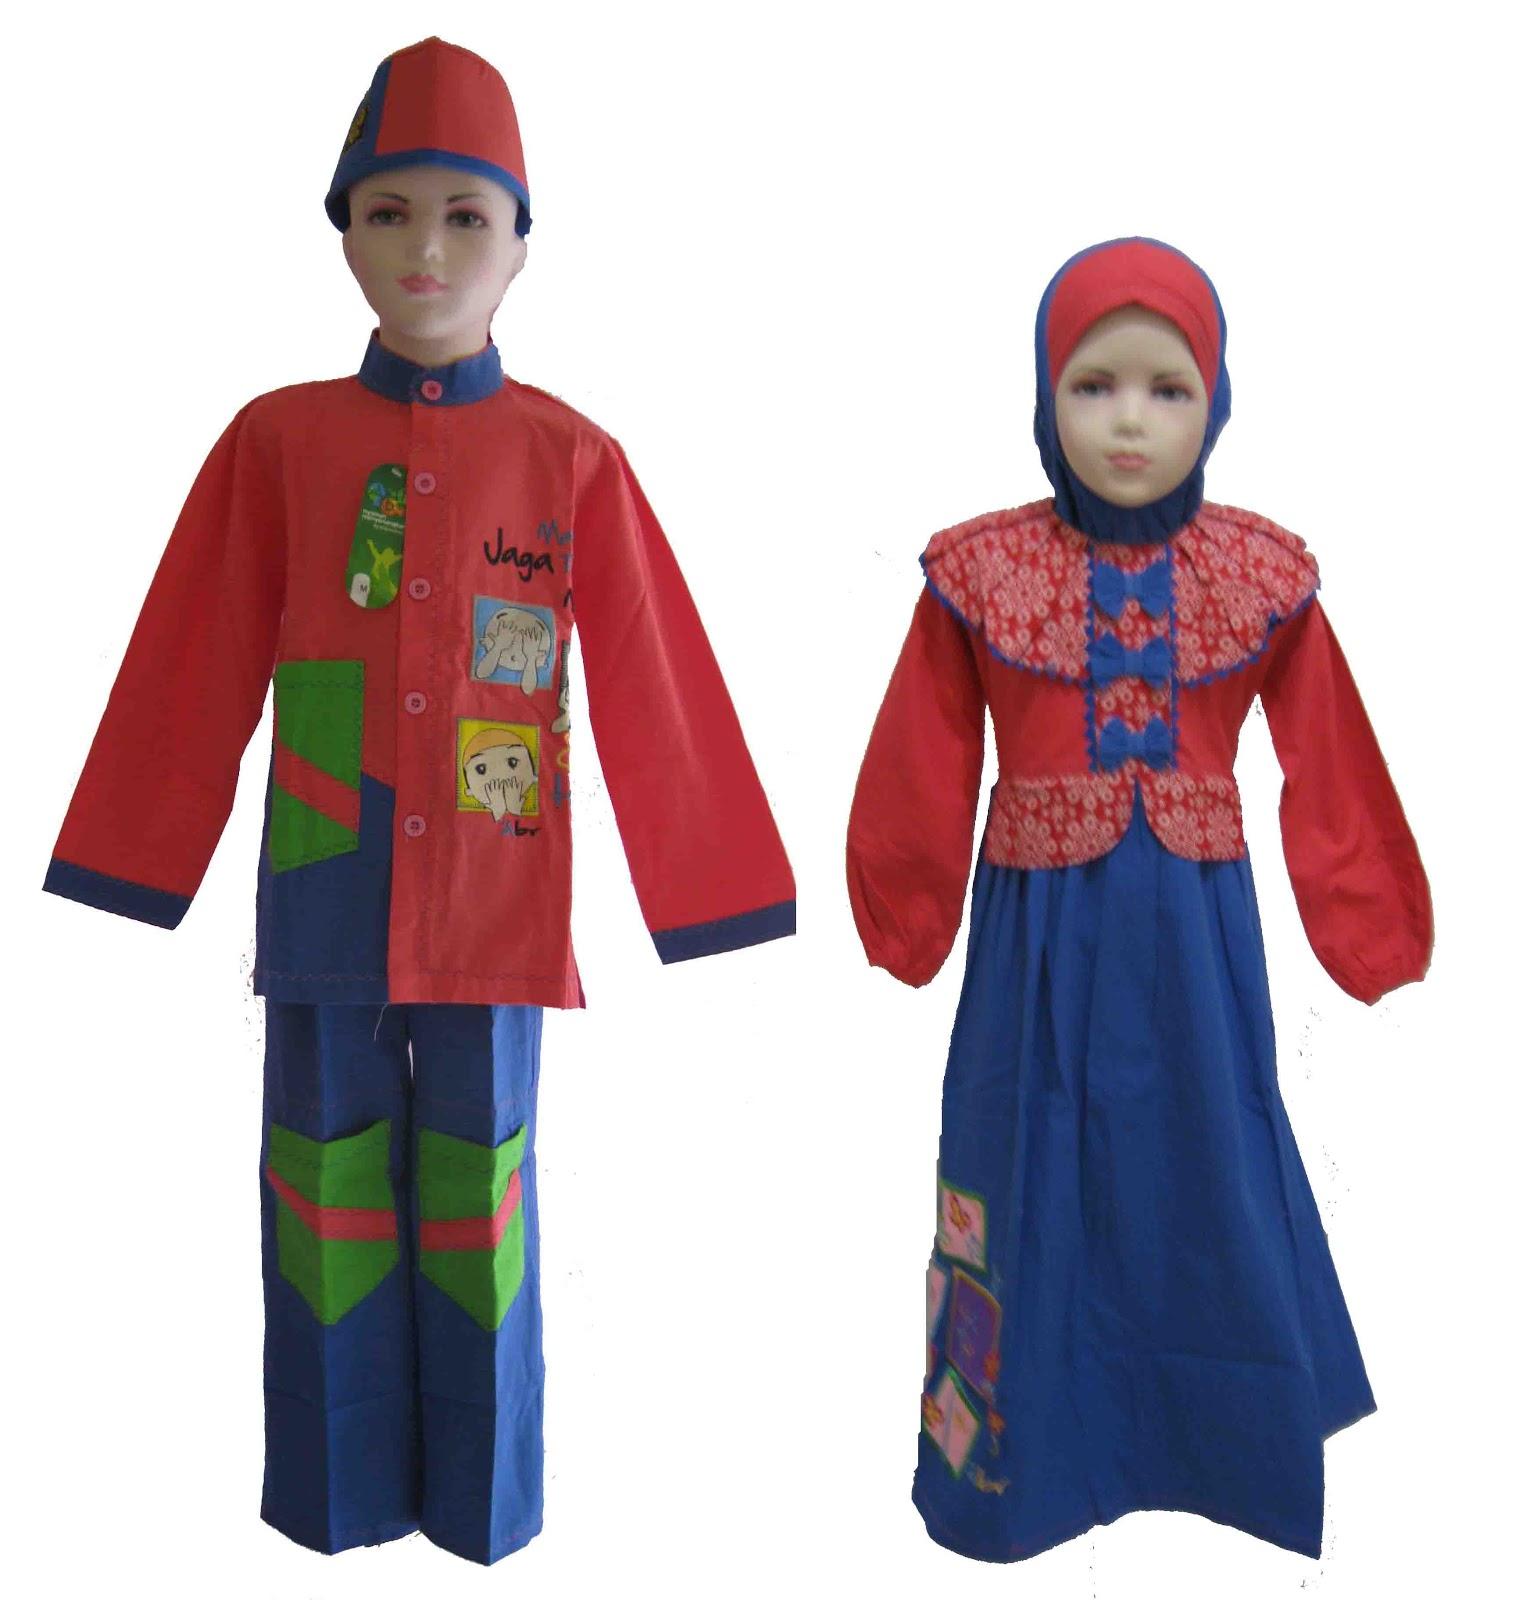 Seragam Baju Muslim Seragam Muslim Bahan Katun Kanvas